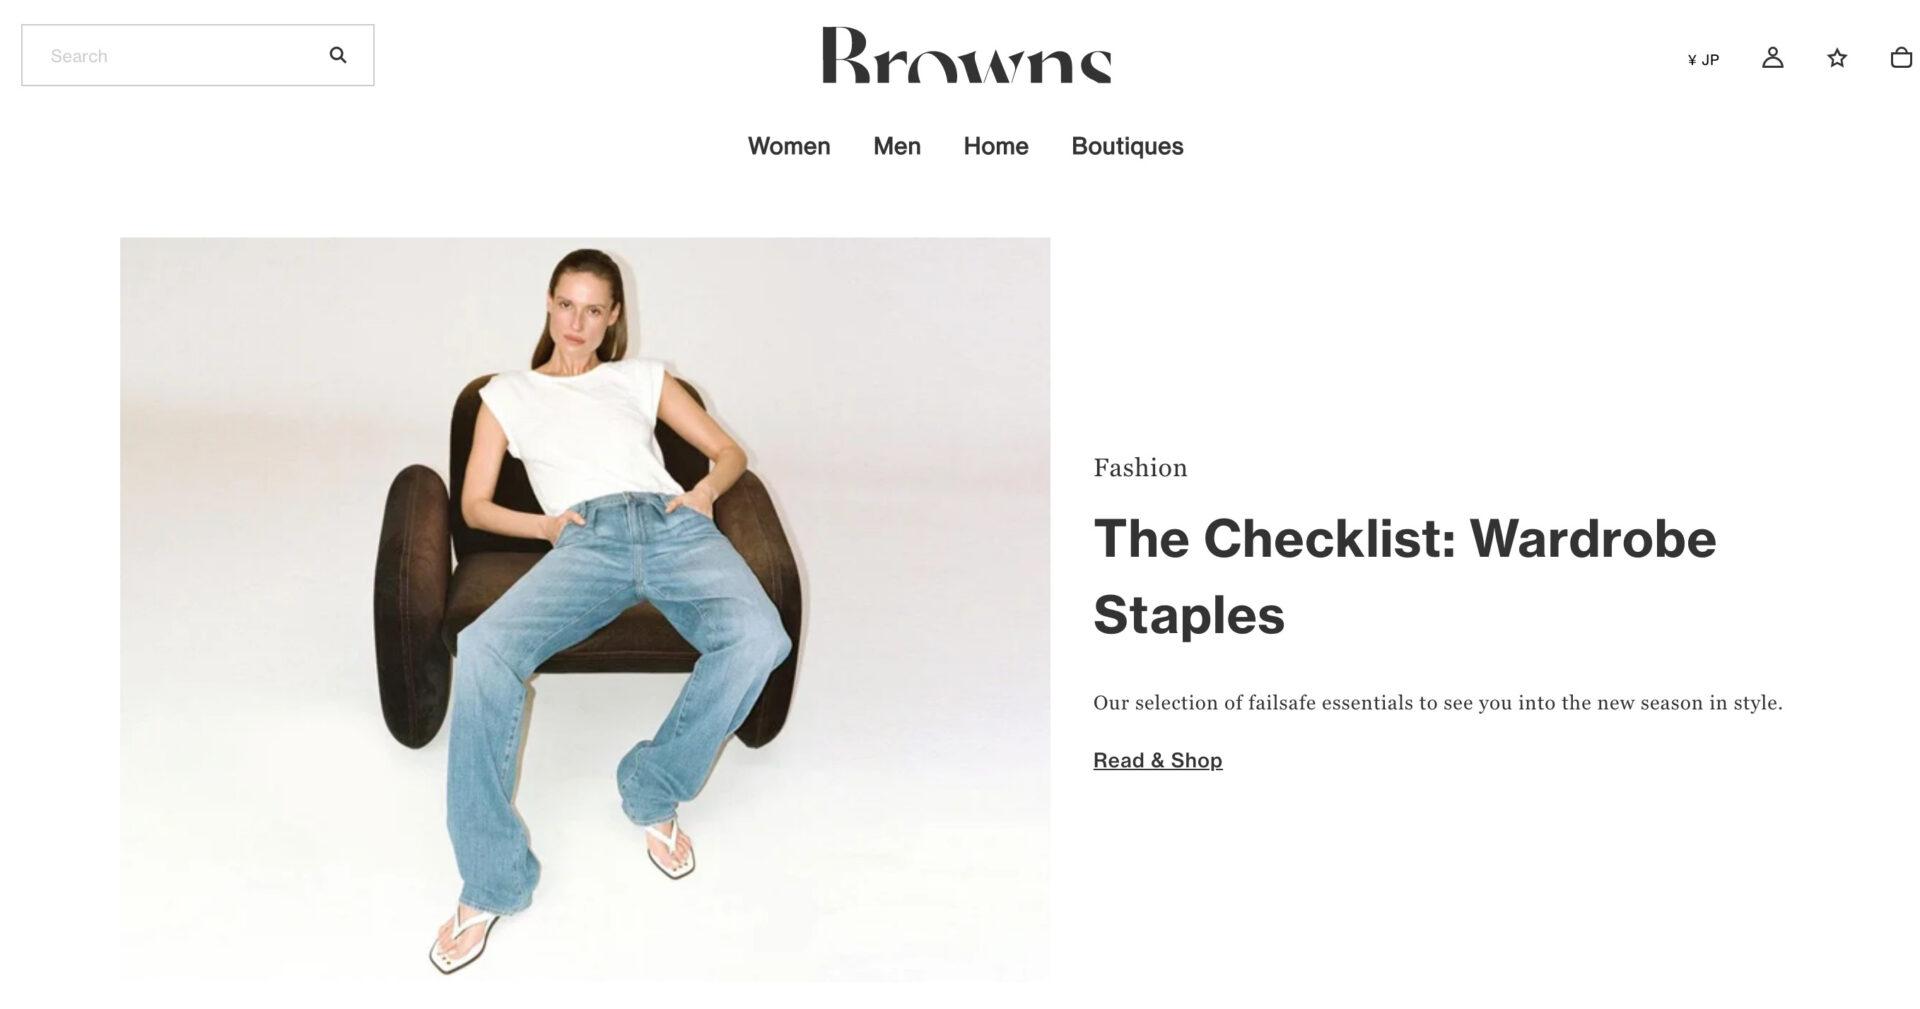 Browns ブラウンズの海外通販